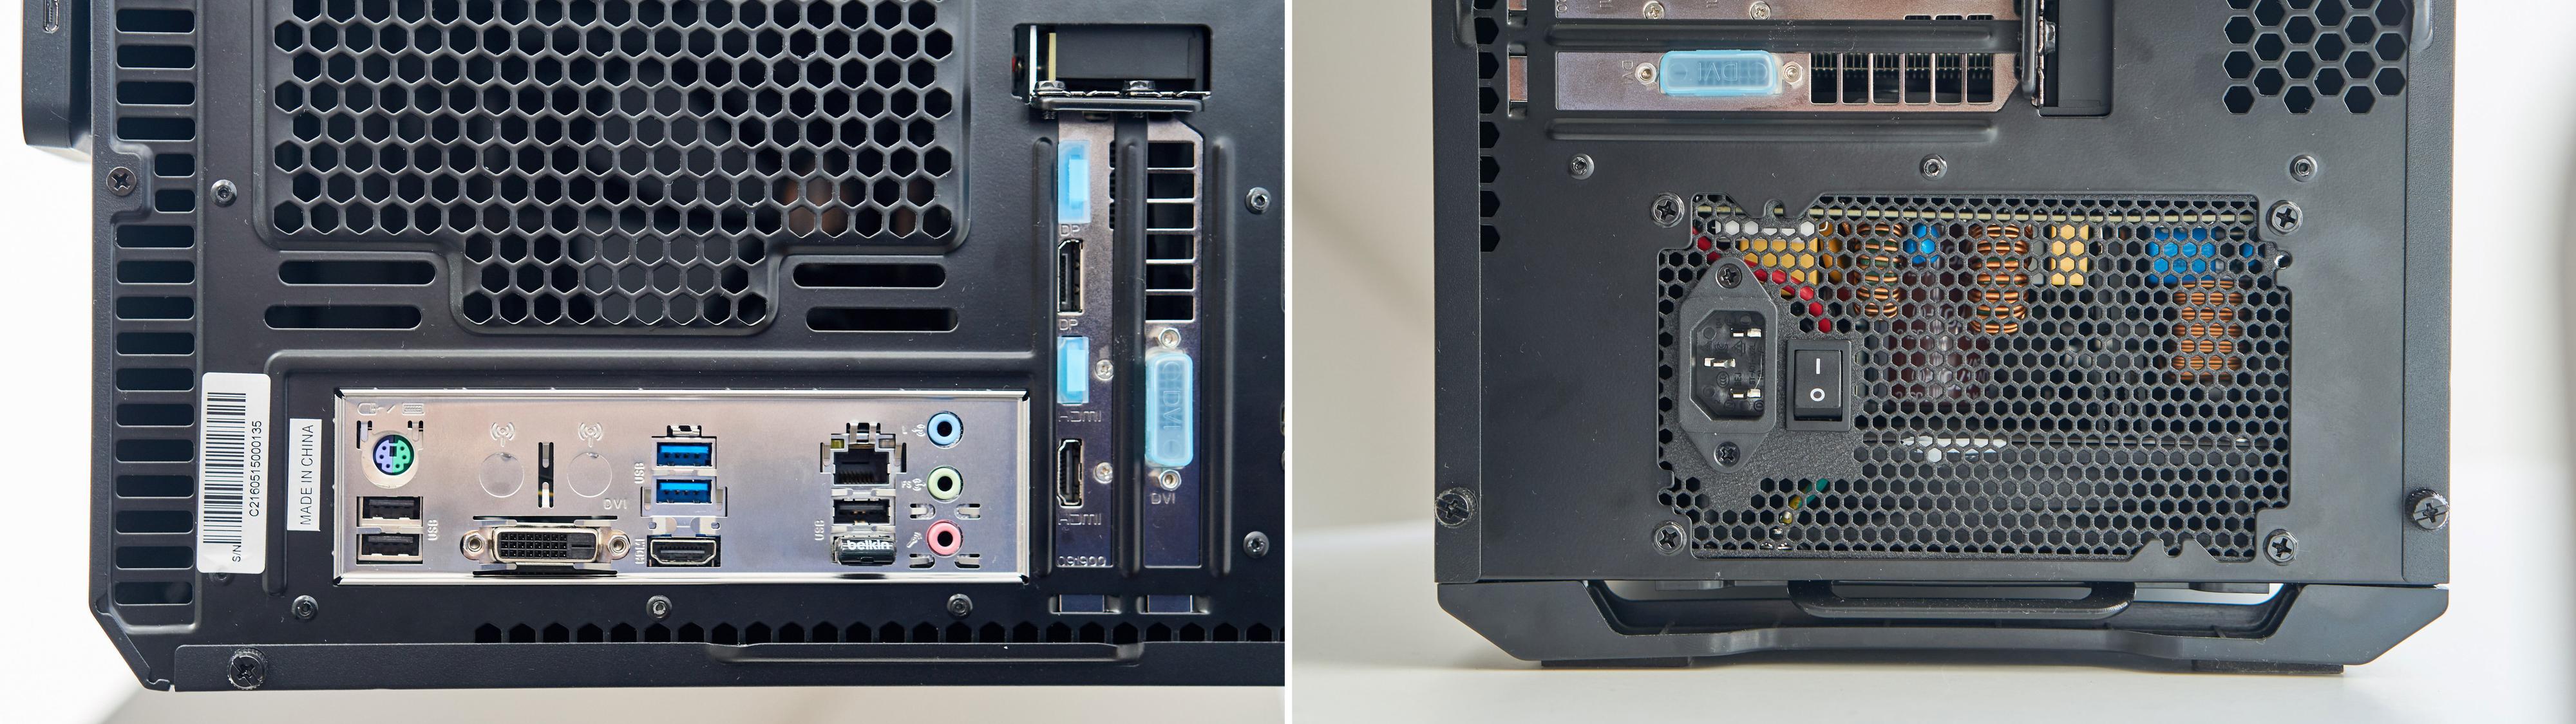 Innganger på baksiden vil variere ettersom hva du installerer...